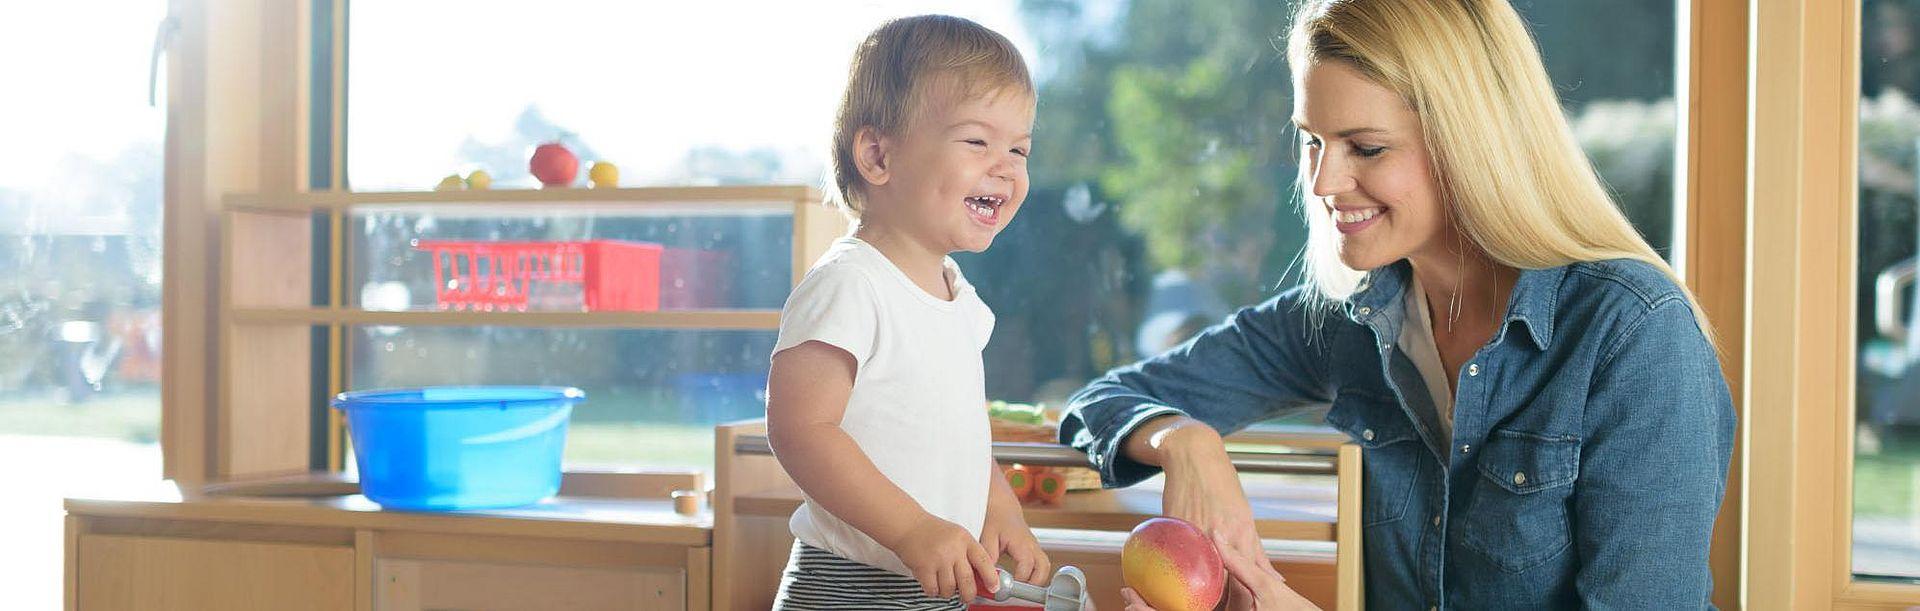 Mutter und lächelndes Kind in der Spielküche